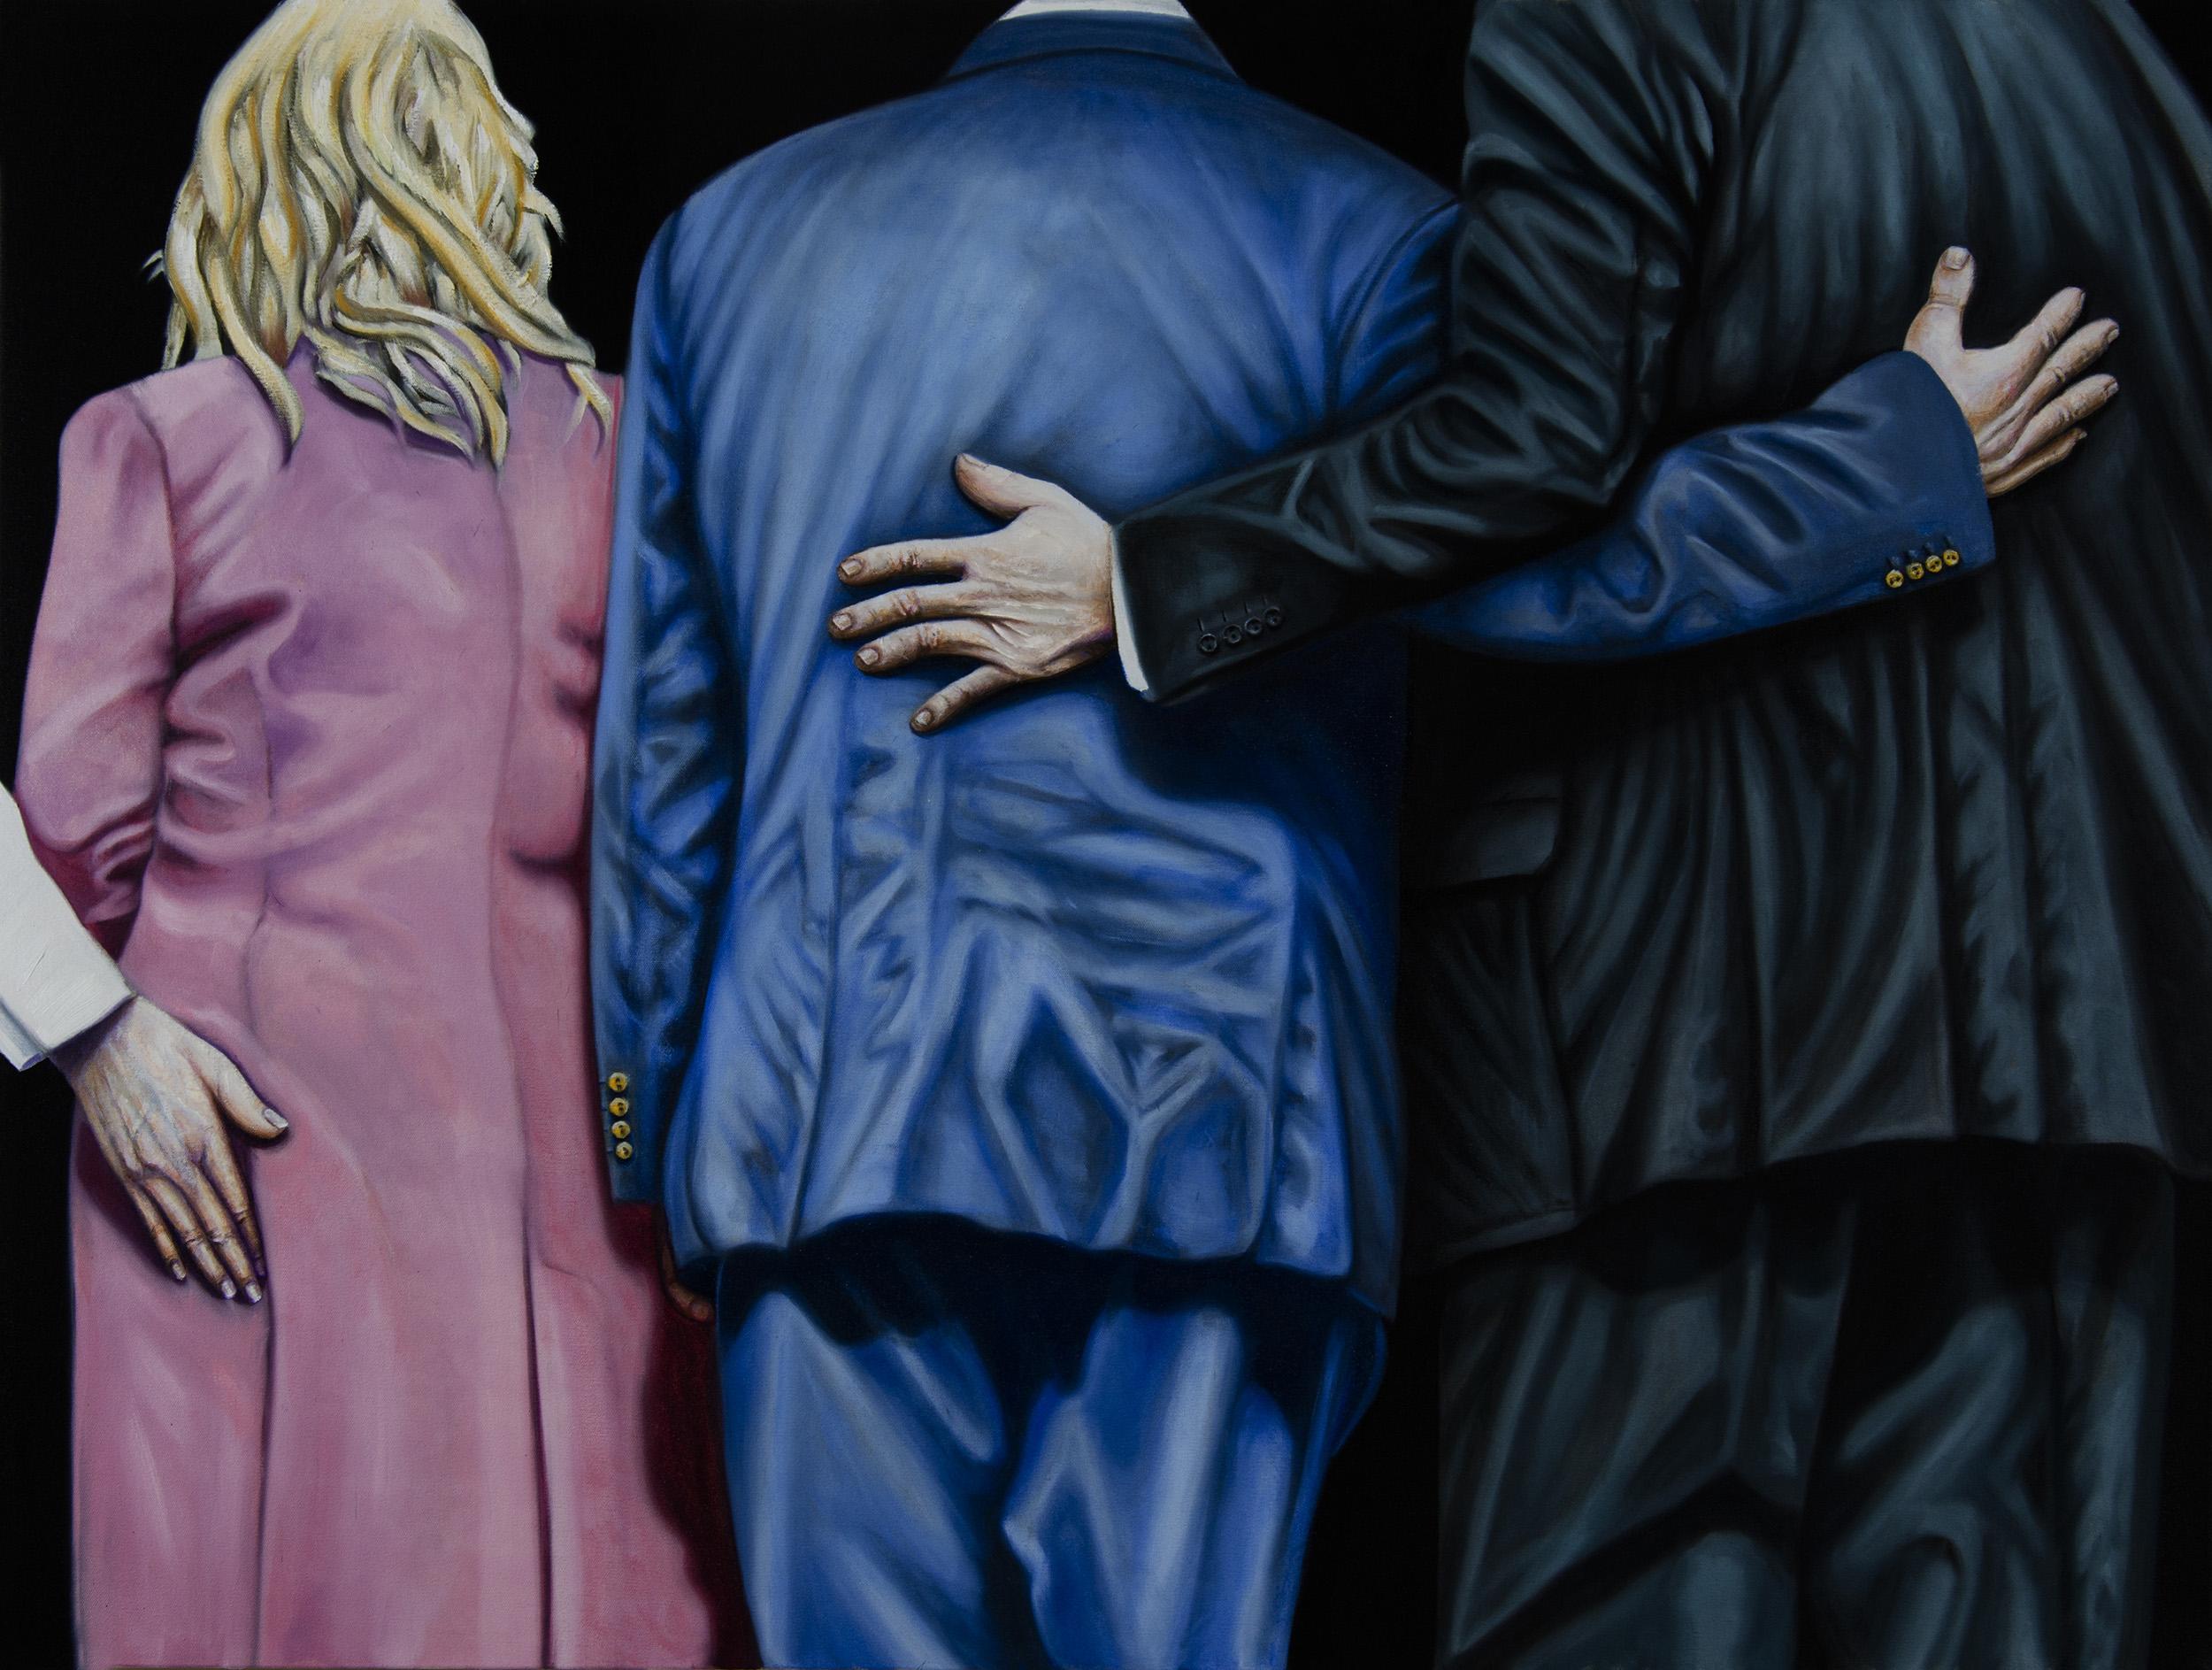 The hug, oil on canvas 120x90 cm, 2017